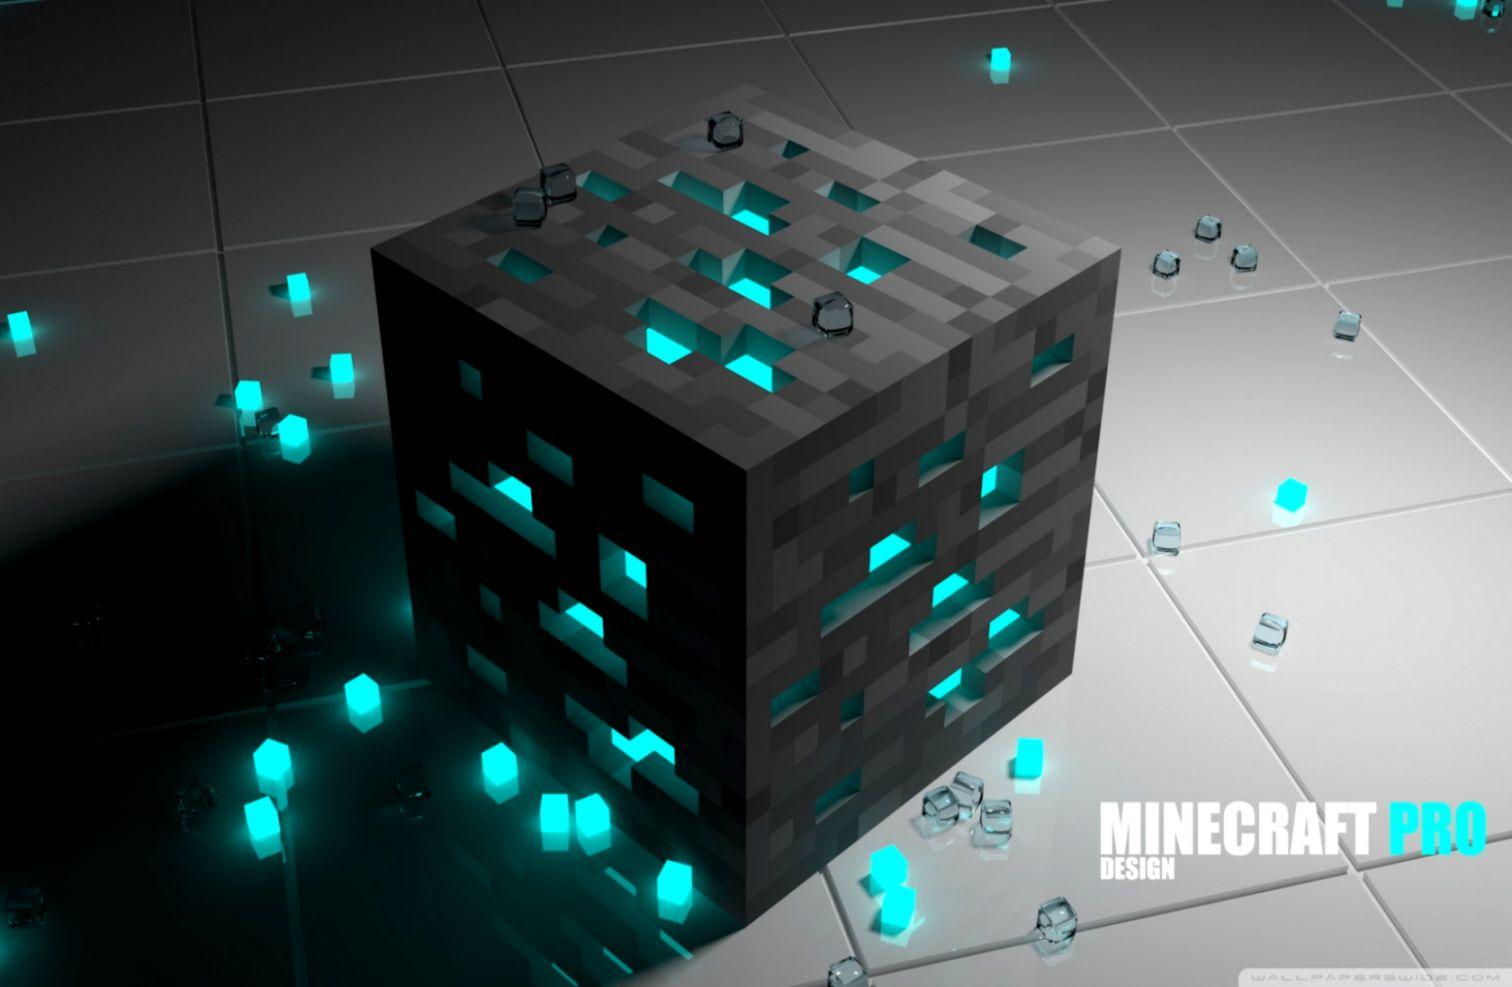 Minecraft Wallpaper Desktop Wide Wallpapers